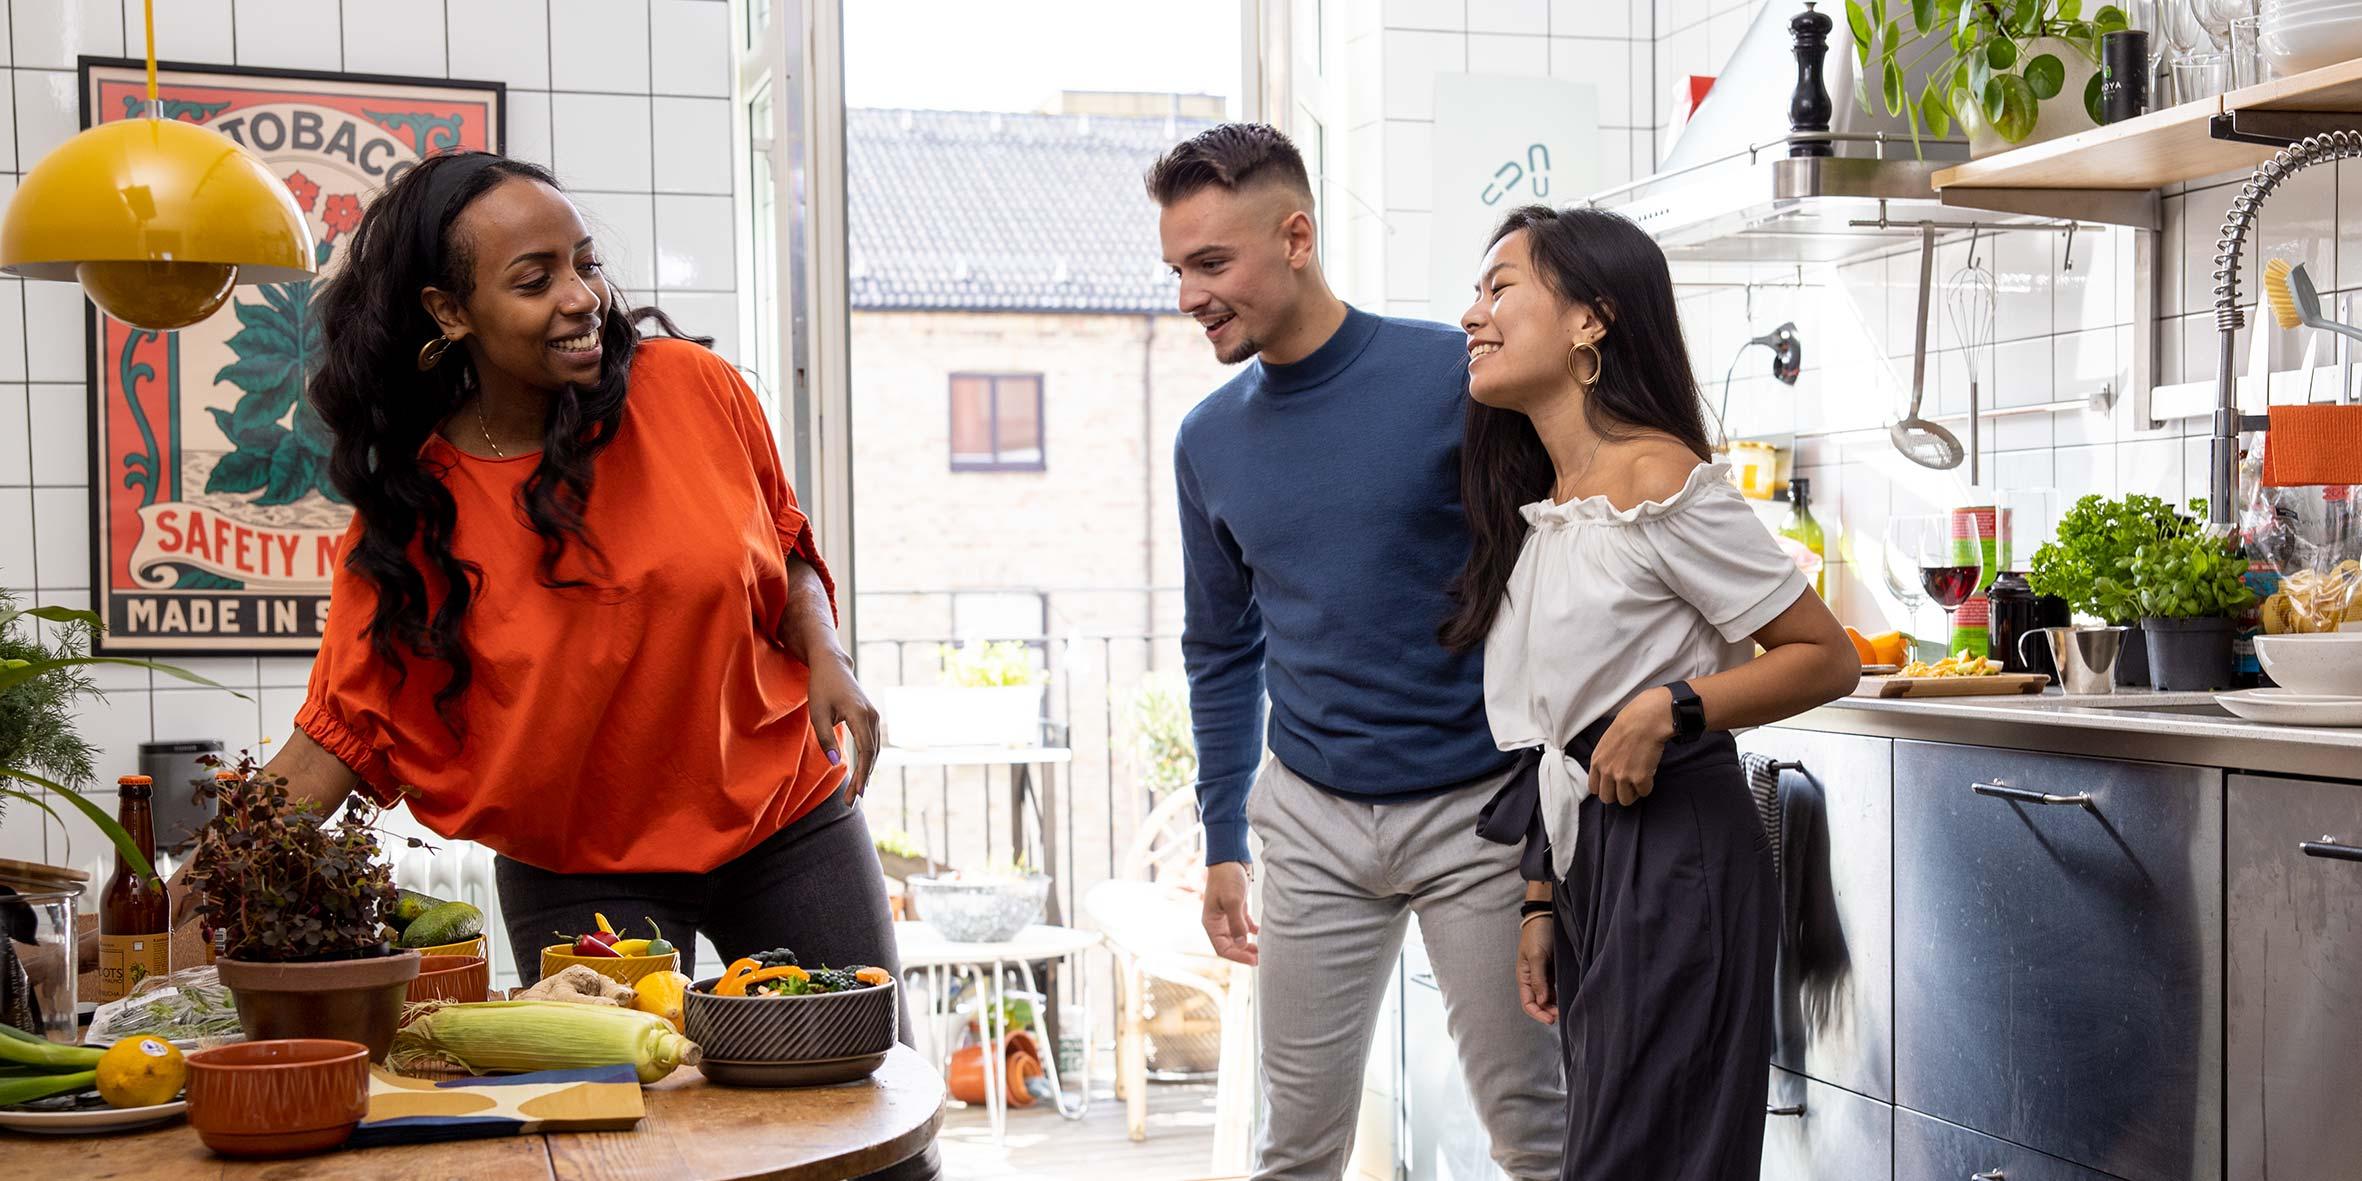 En kille och två tjejer står i ett kök och pratar